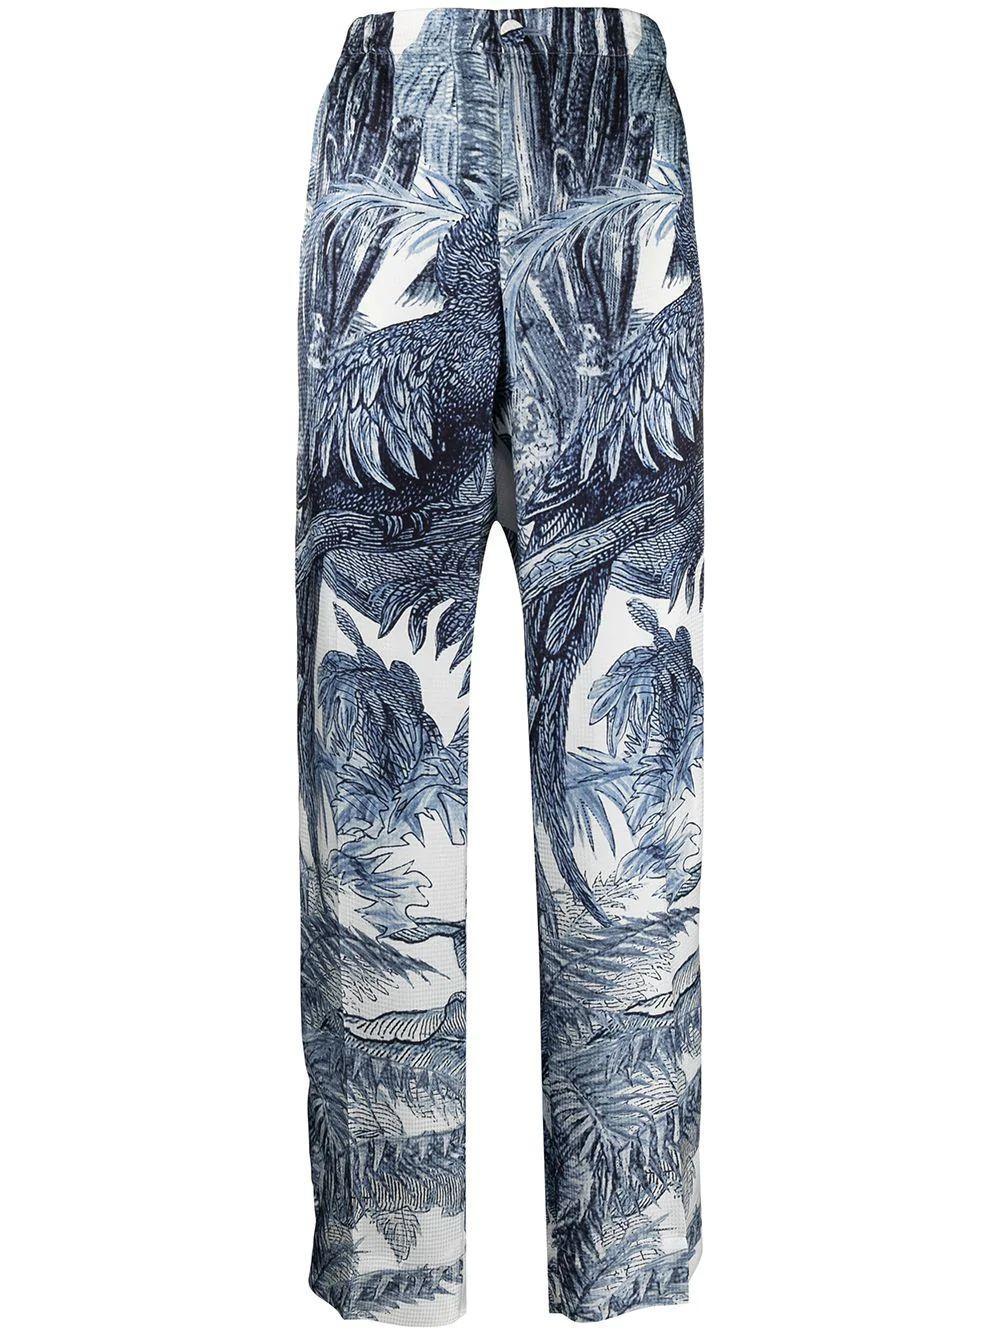 Etere Printed Pant Item # PA002087-TE00537-179